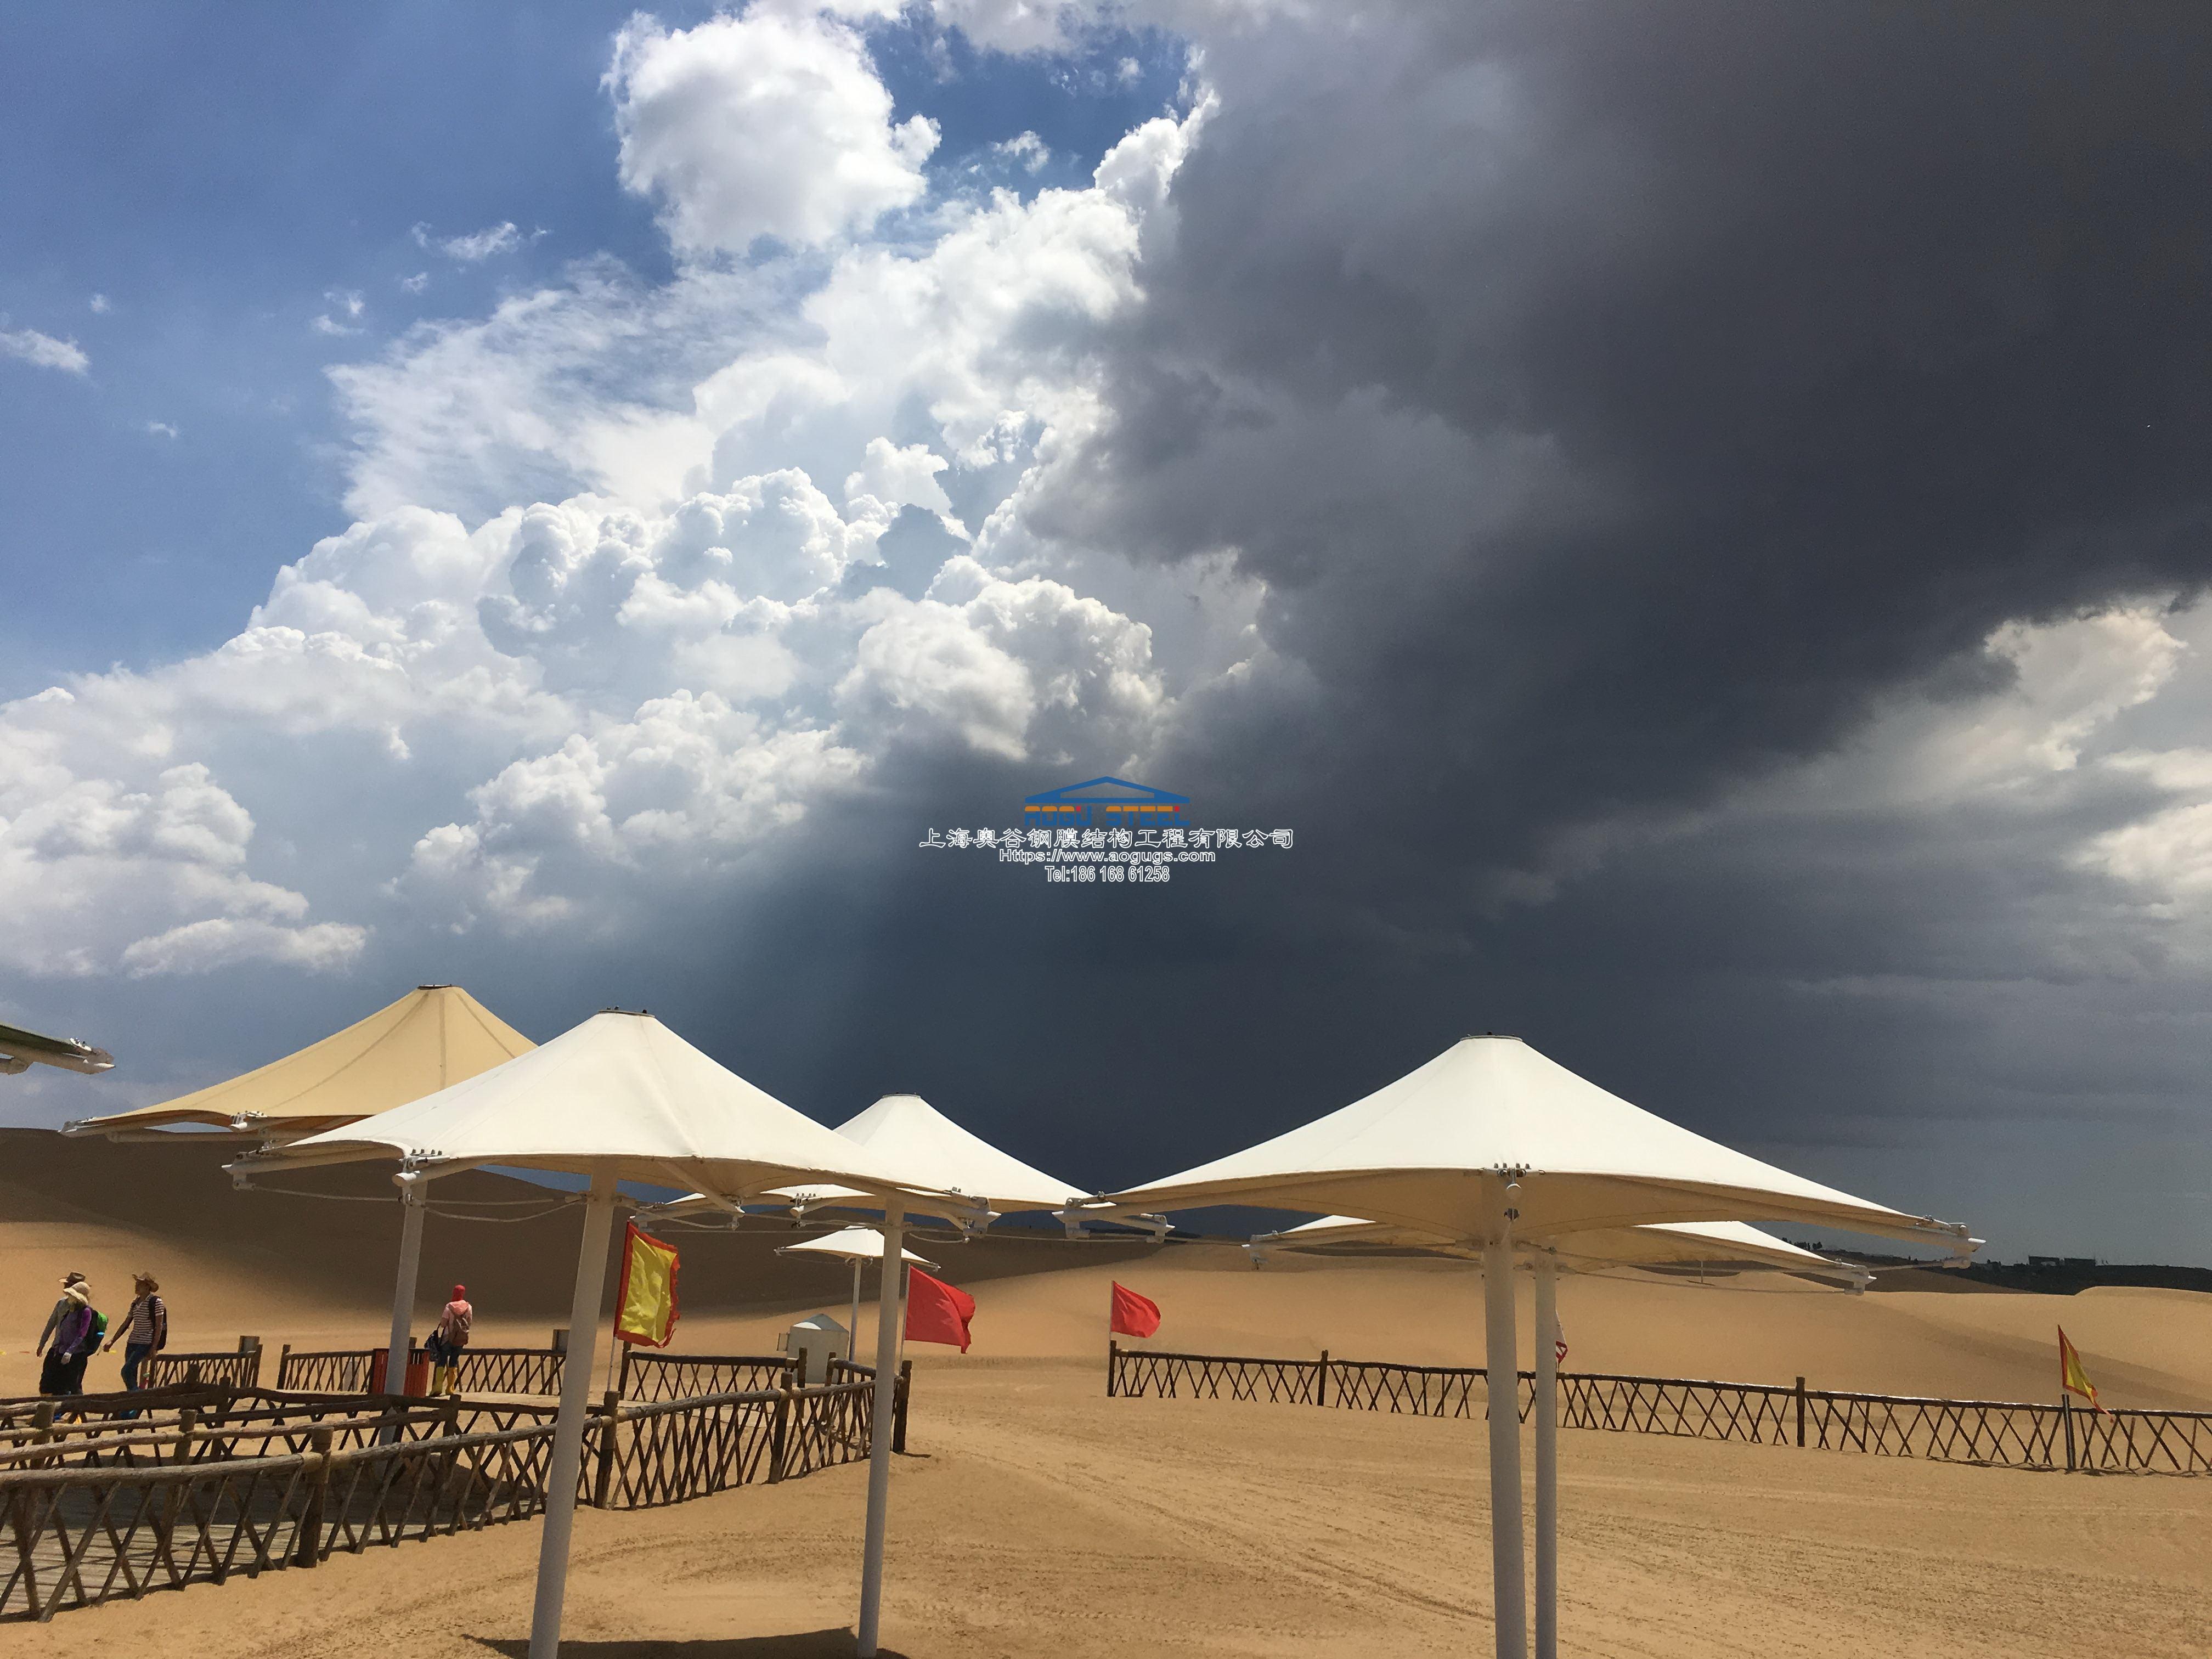 响沙湾景观张拉膜伞造型